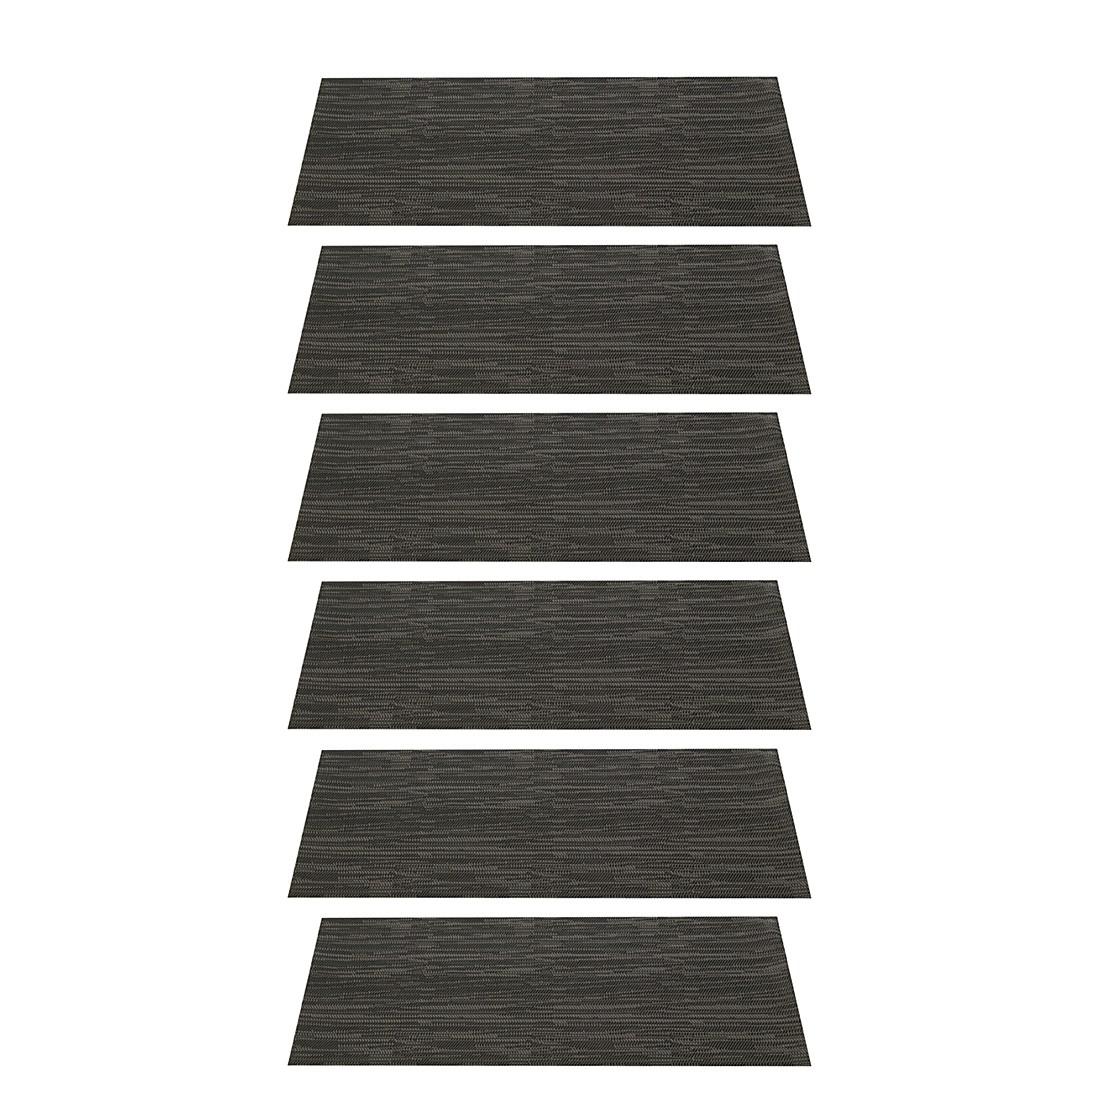 platzset schwarz preis vergleich 2016. Black Bedroom Furniture Sets. Home Design Ideas